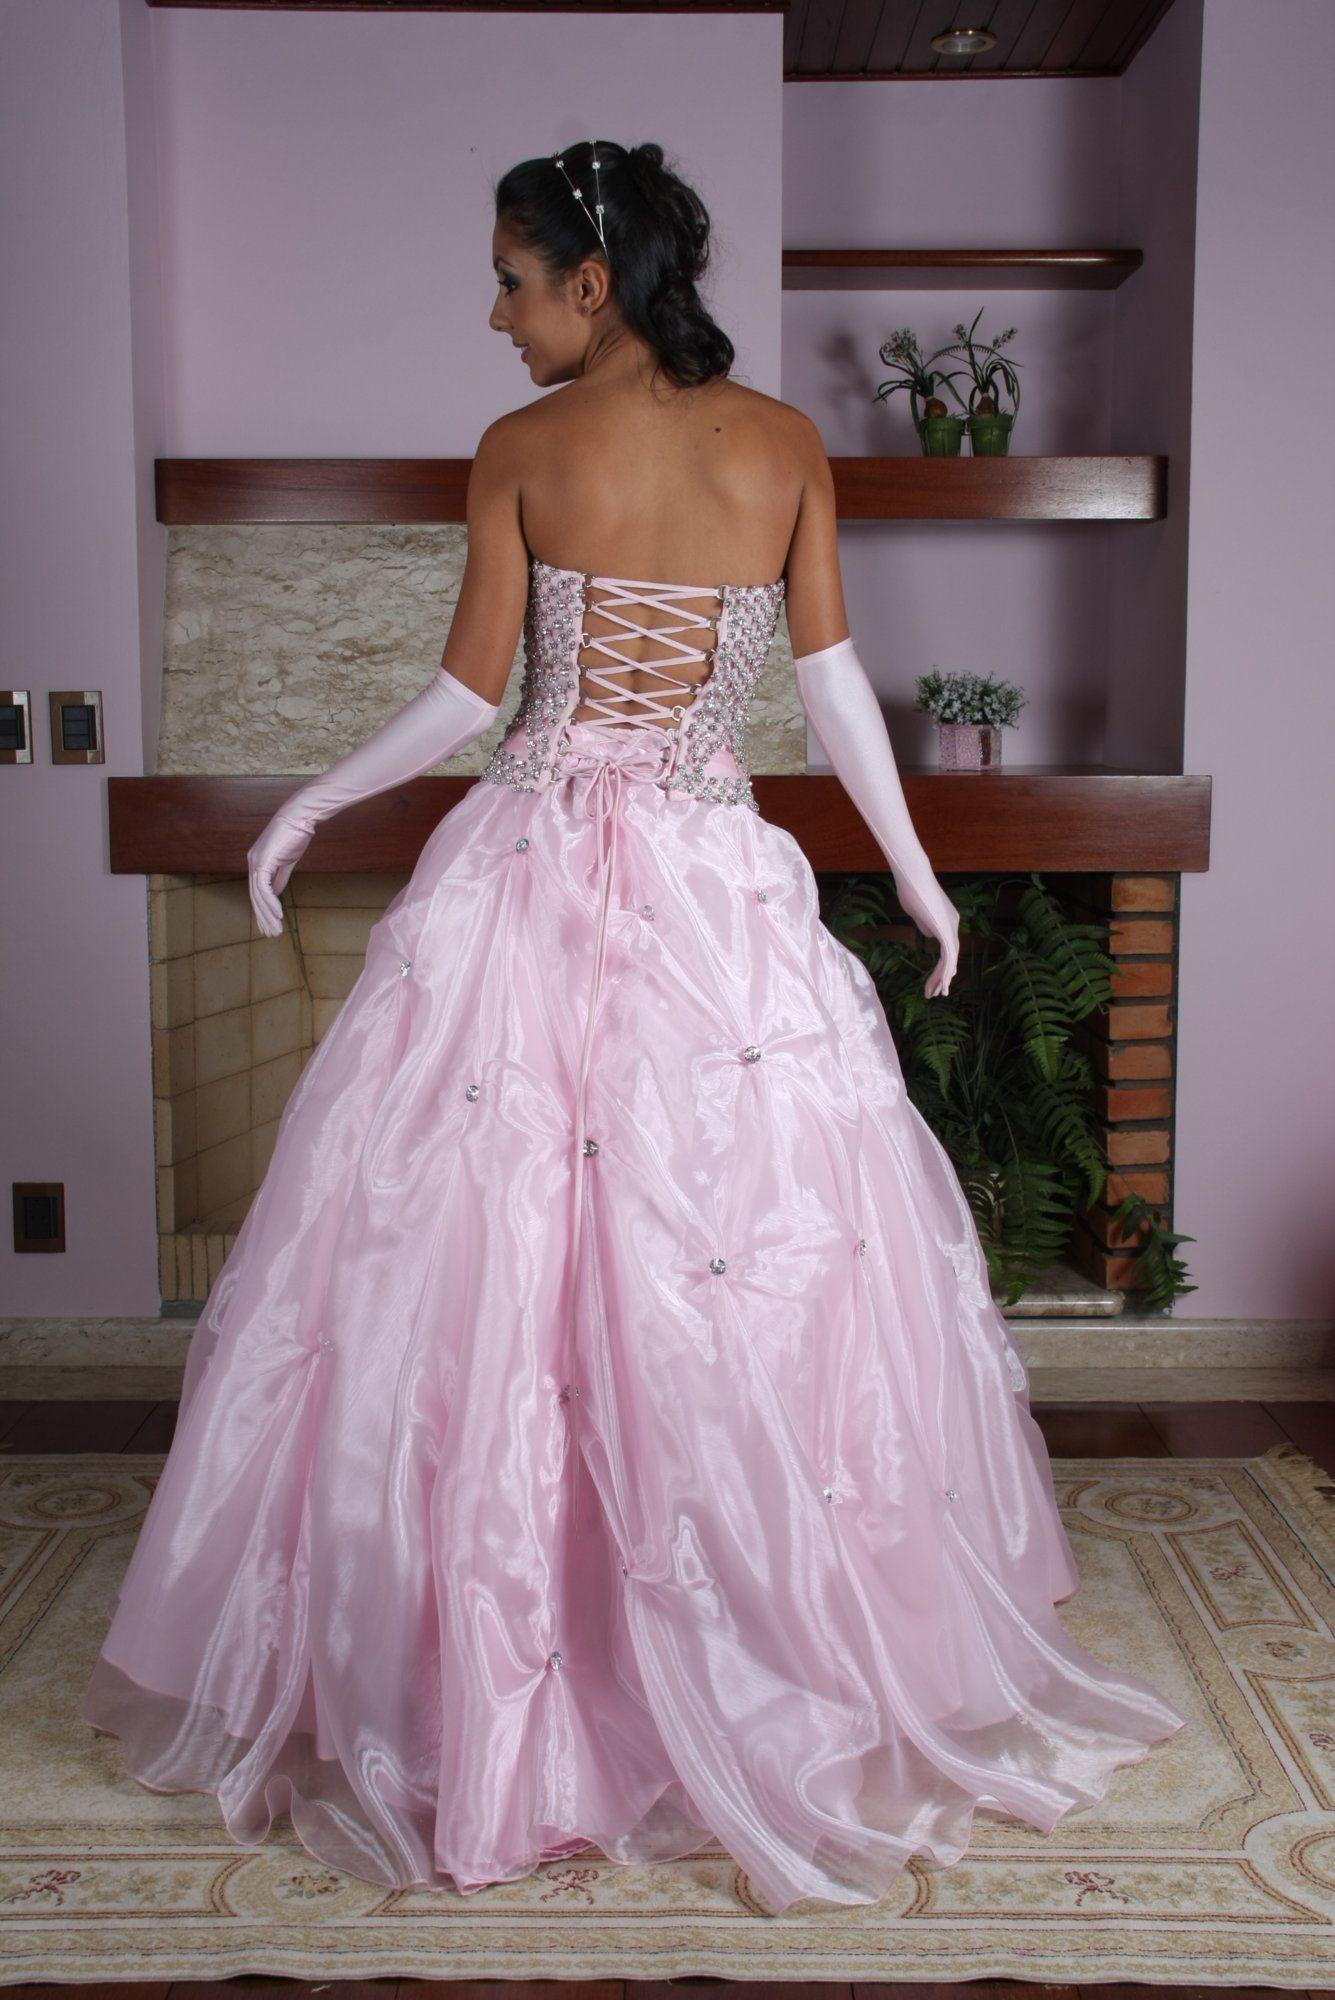 Vestido de Debutante Rosa - 3 - Hipnose Alta Costura e Spa para Noivas e Noivos - Campinas - SP Vestido de Debutante, Vestido de Debutante Rosa, Hipnose Alta Costura